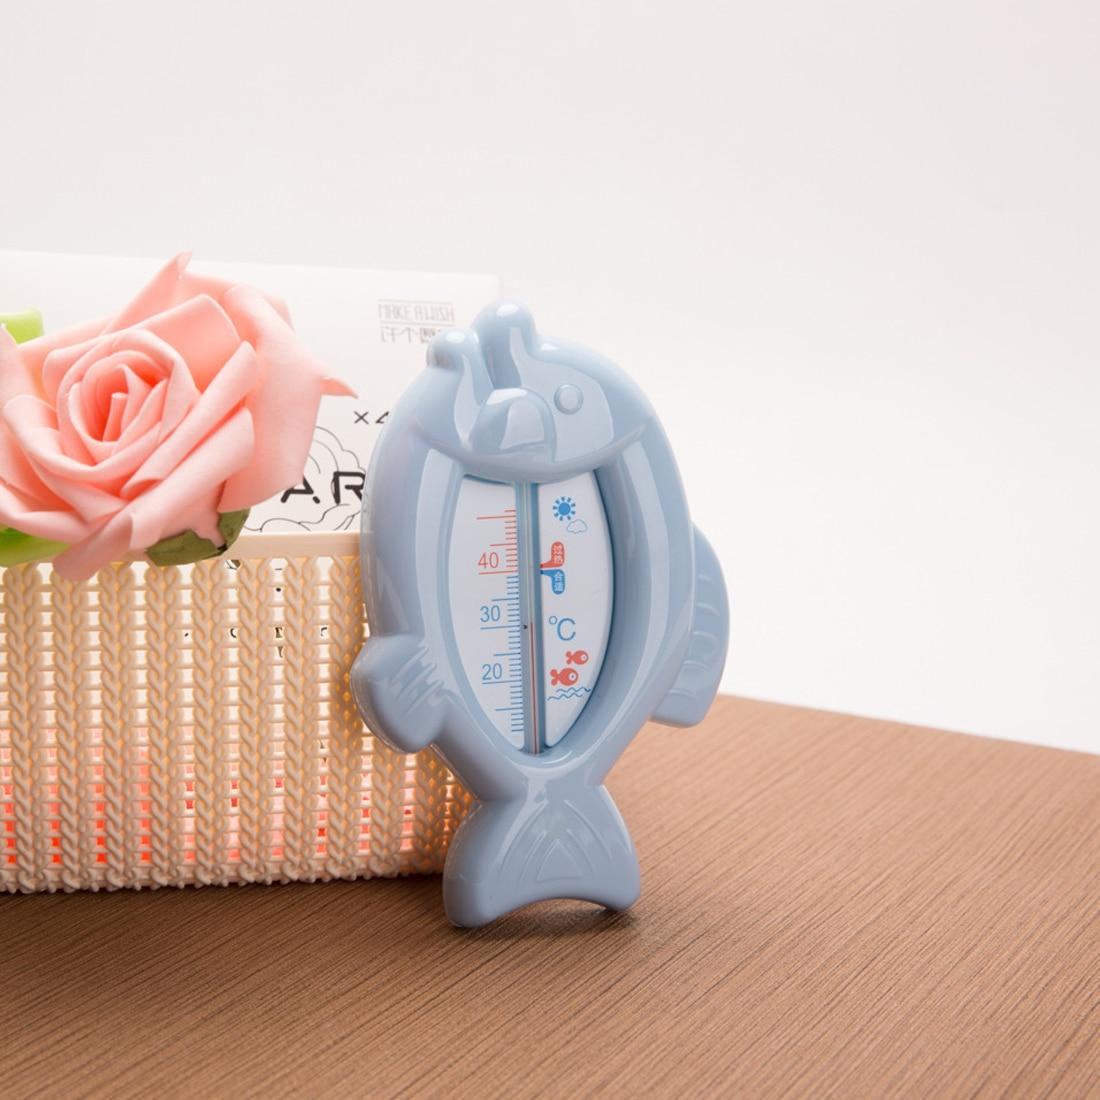 100% QualitäT Neue Hohe Qualität Baby Schwimmenden Fisch Wasser Thermometer Plastic Float Badespielzeug Badewanne Sensor 10-50c